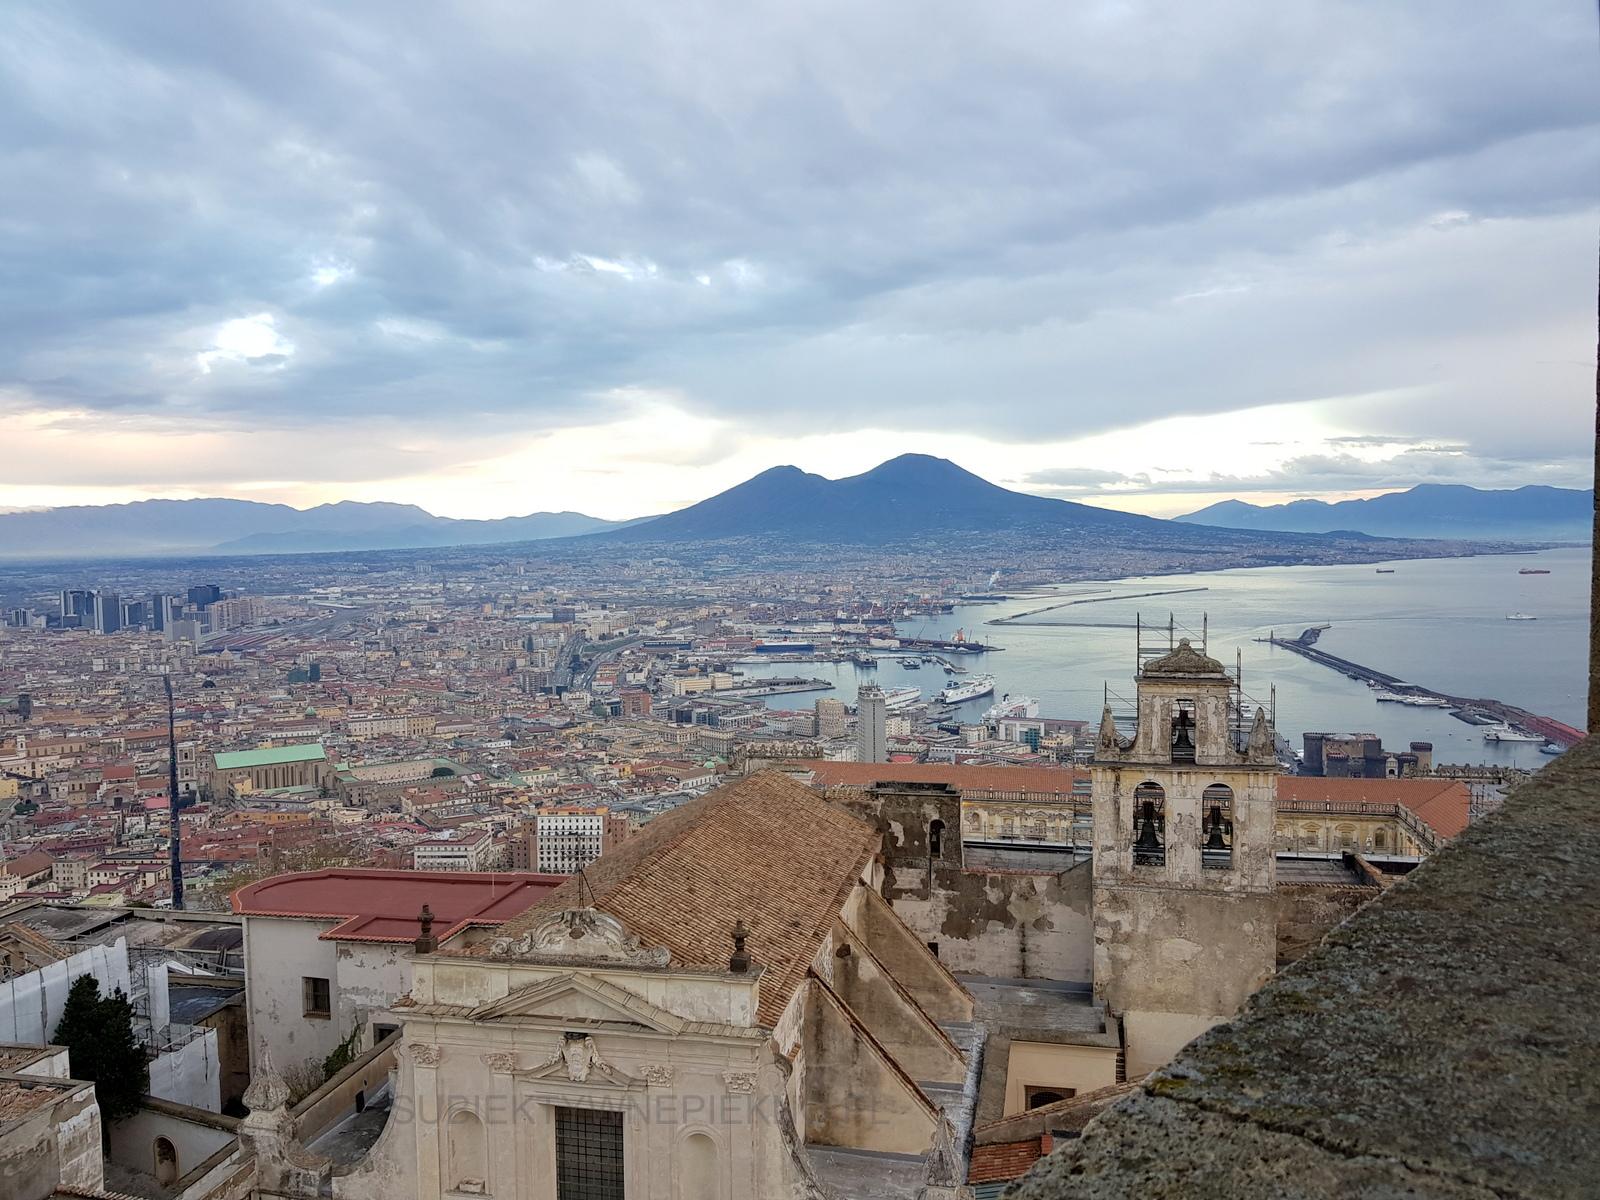 Widok na Neapol z zamku Sant'Elmo